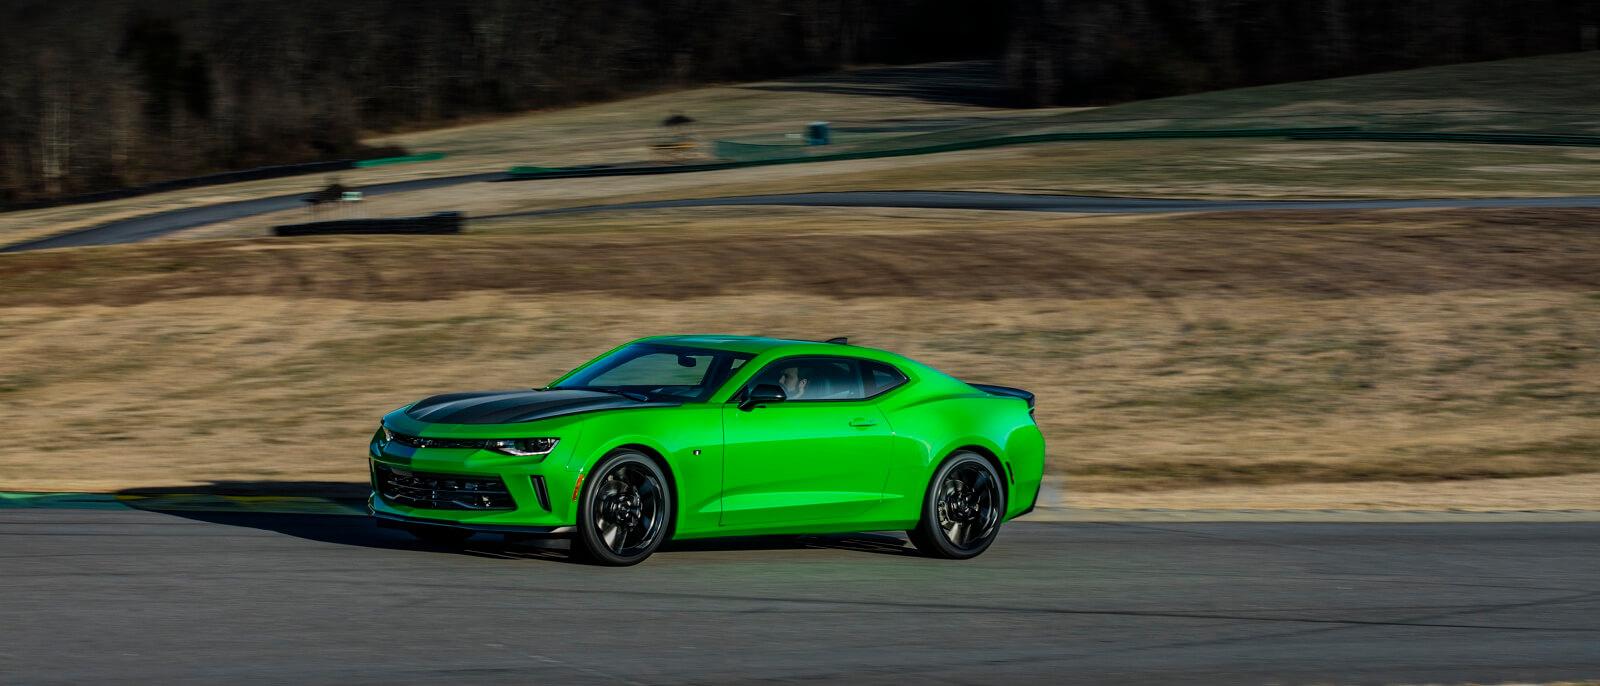 2017 Chevrolet Camaro green exterior